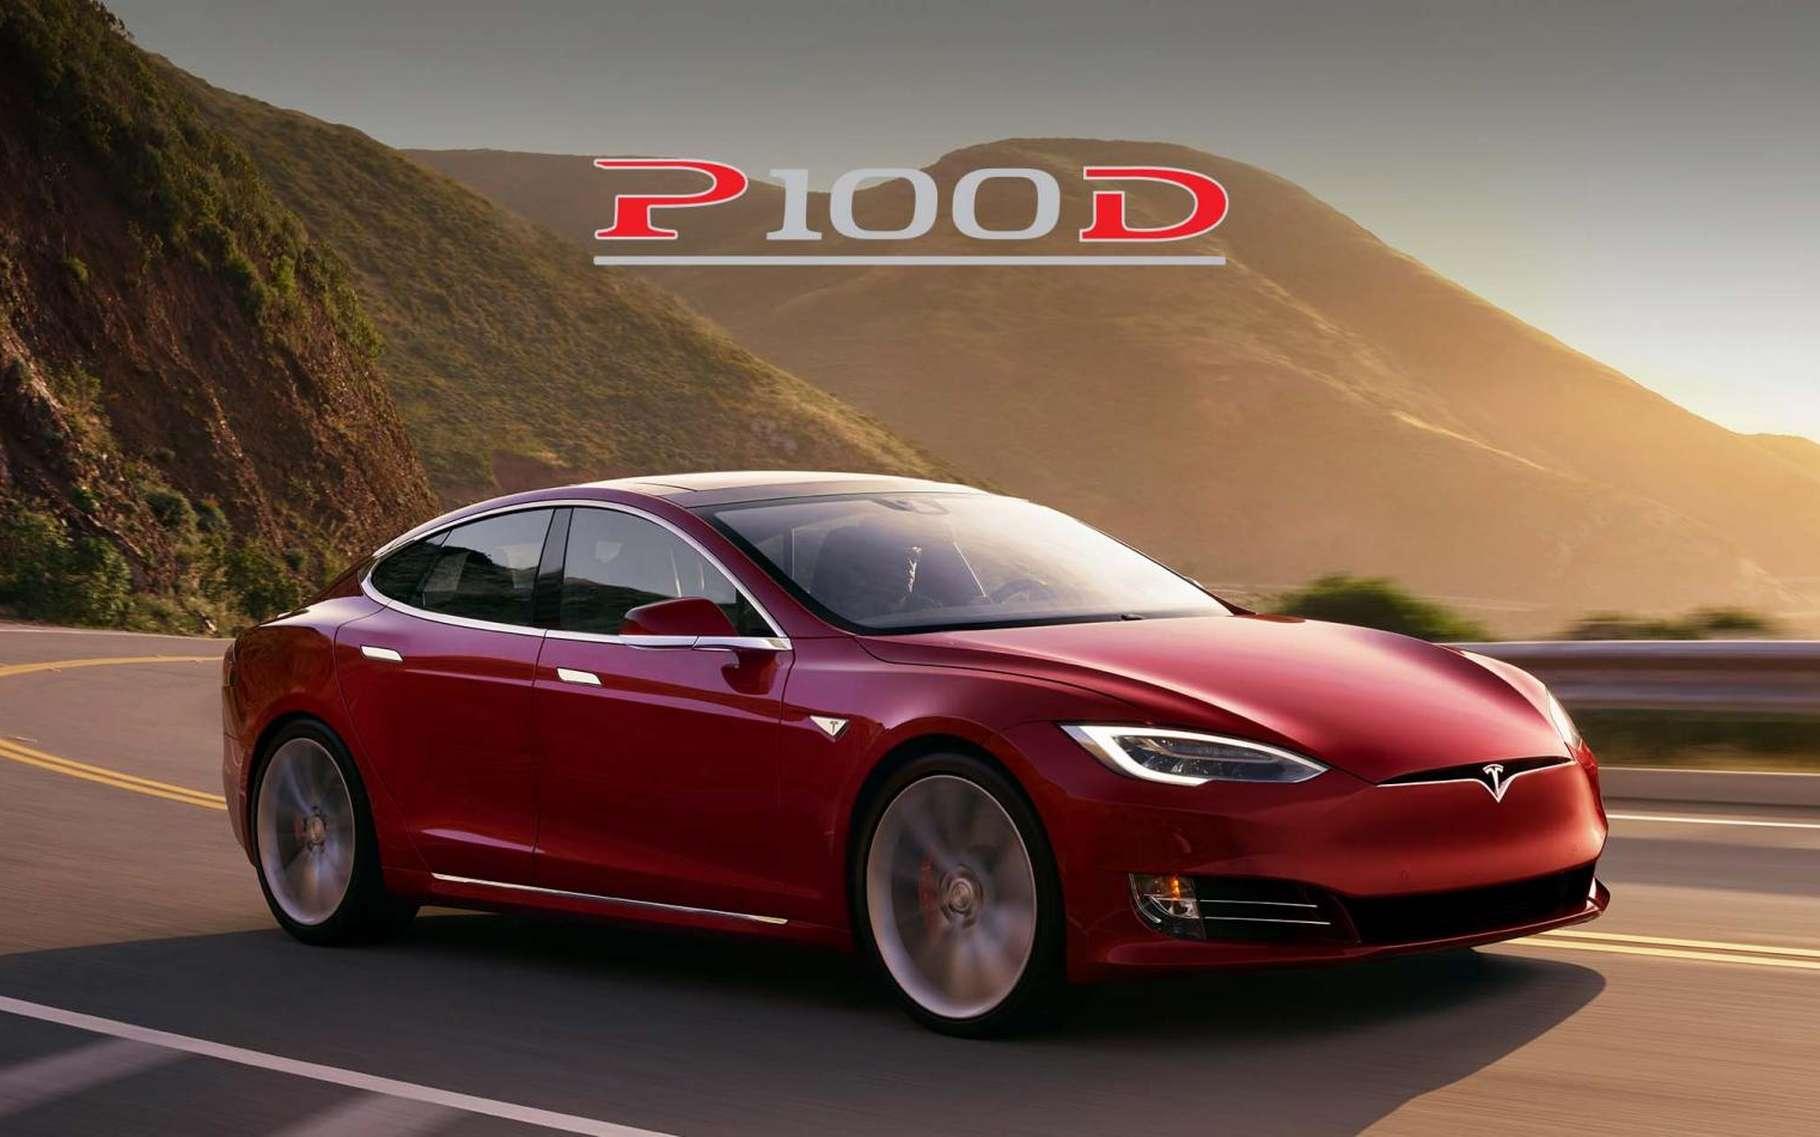 Le siège de Tesla, constructeur de voitures électriques, se situe à Palo Alto, en Californie (États-Unis). Ici, une voiture Tesla. © Tesla